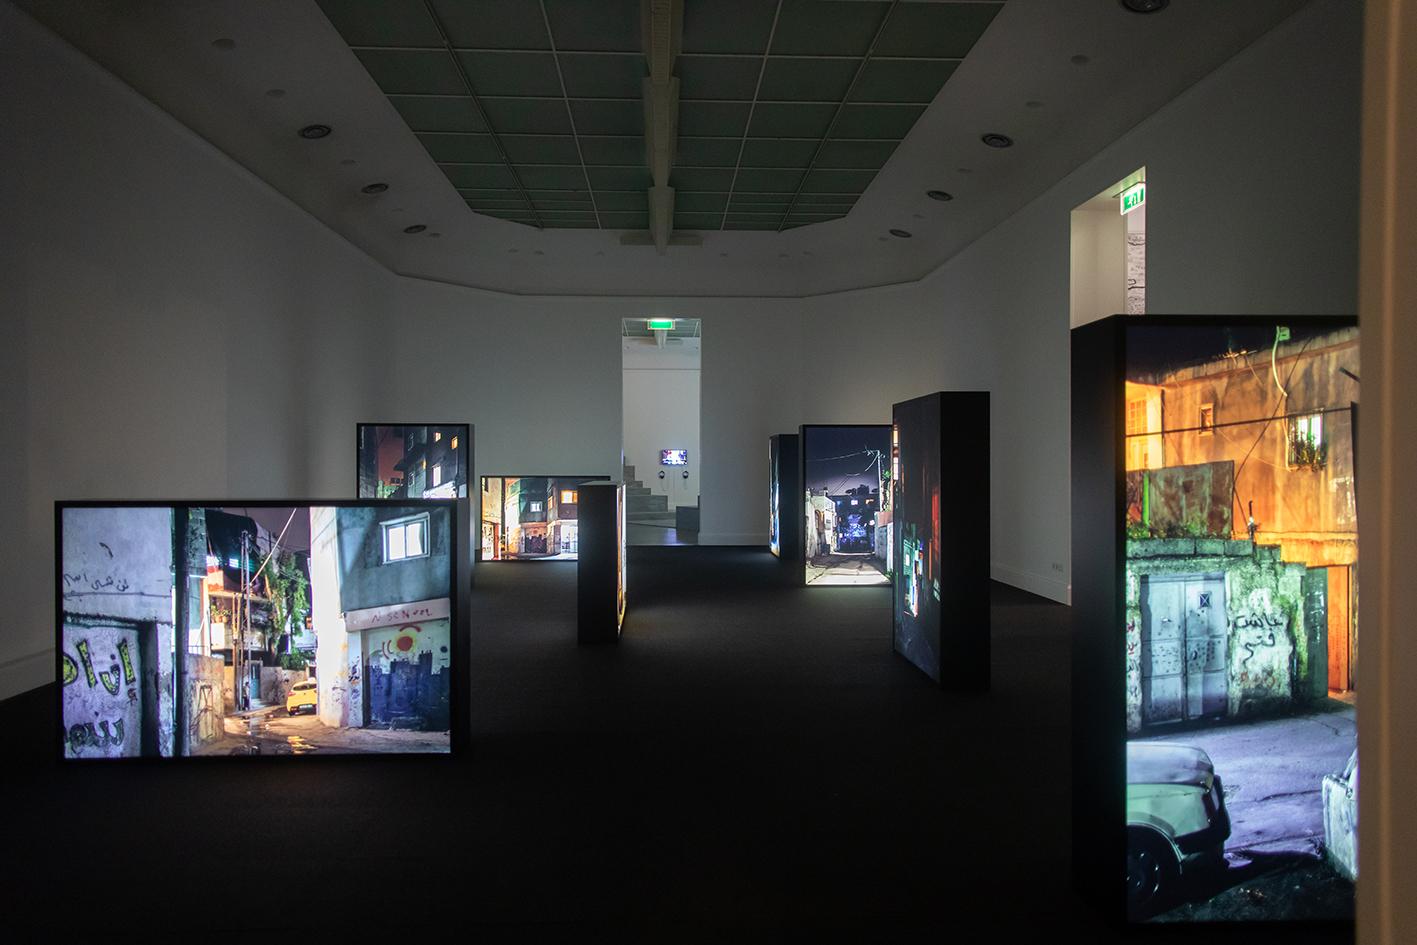 VanAbbe Museum, Eindhoven, 2018